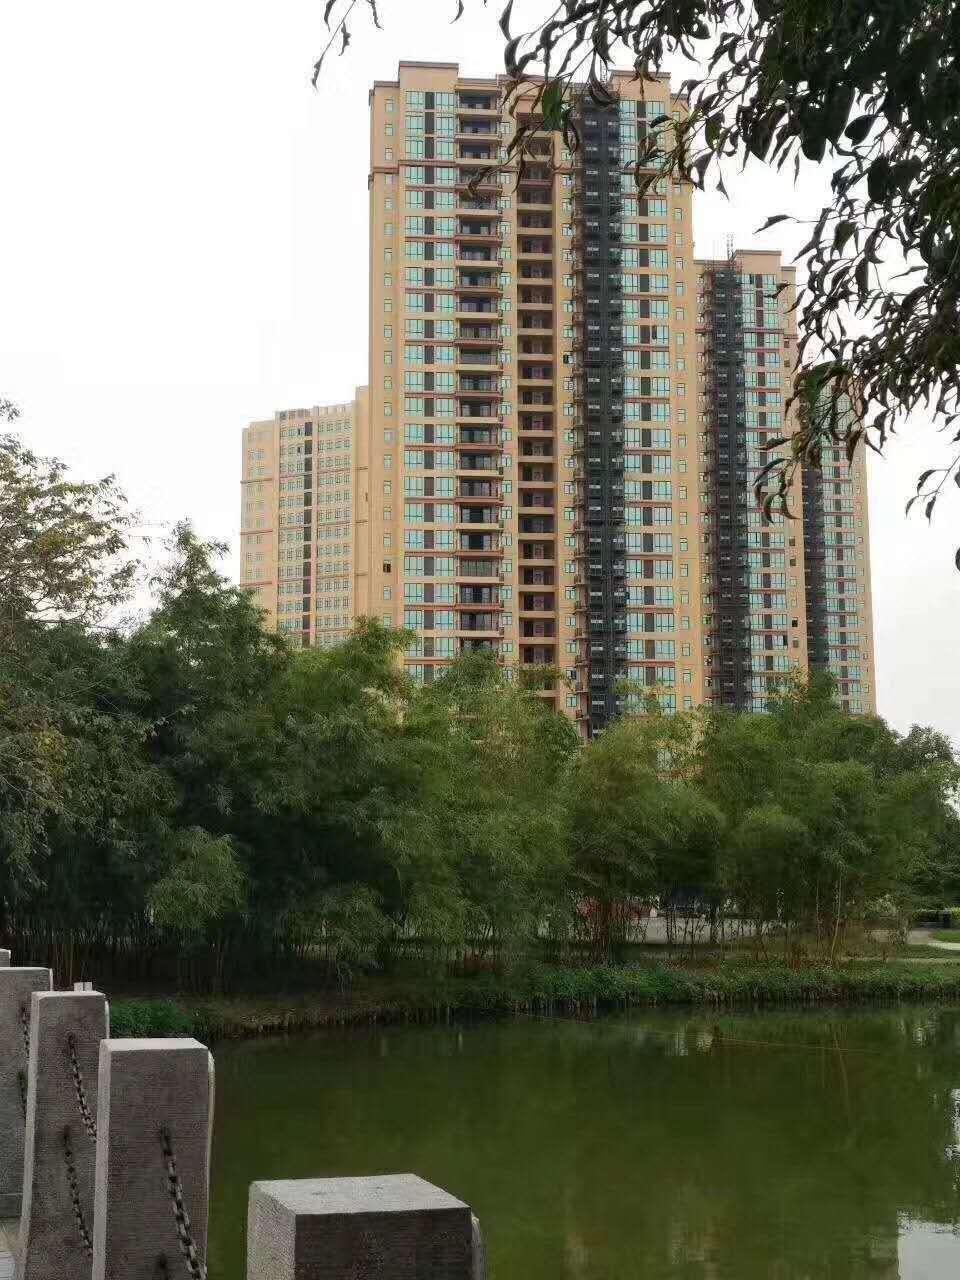 茶山小产权房统建楼【创富花园】8栋大型统建楼花园房